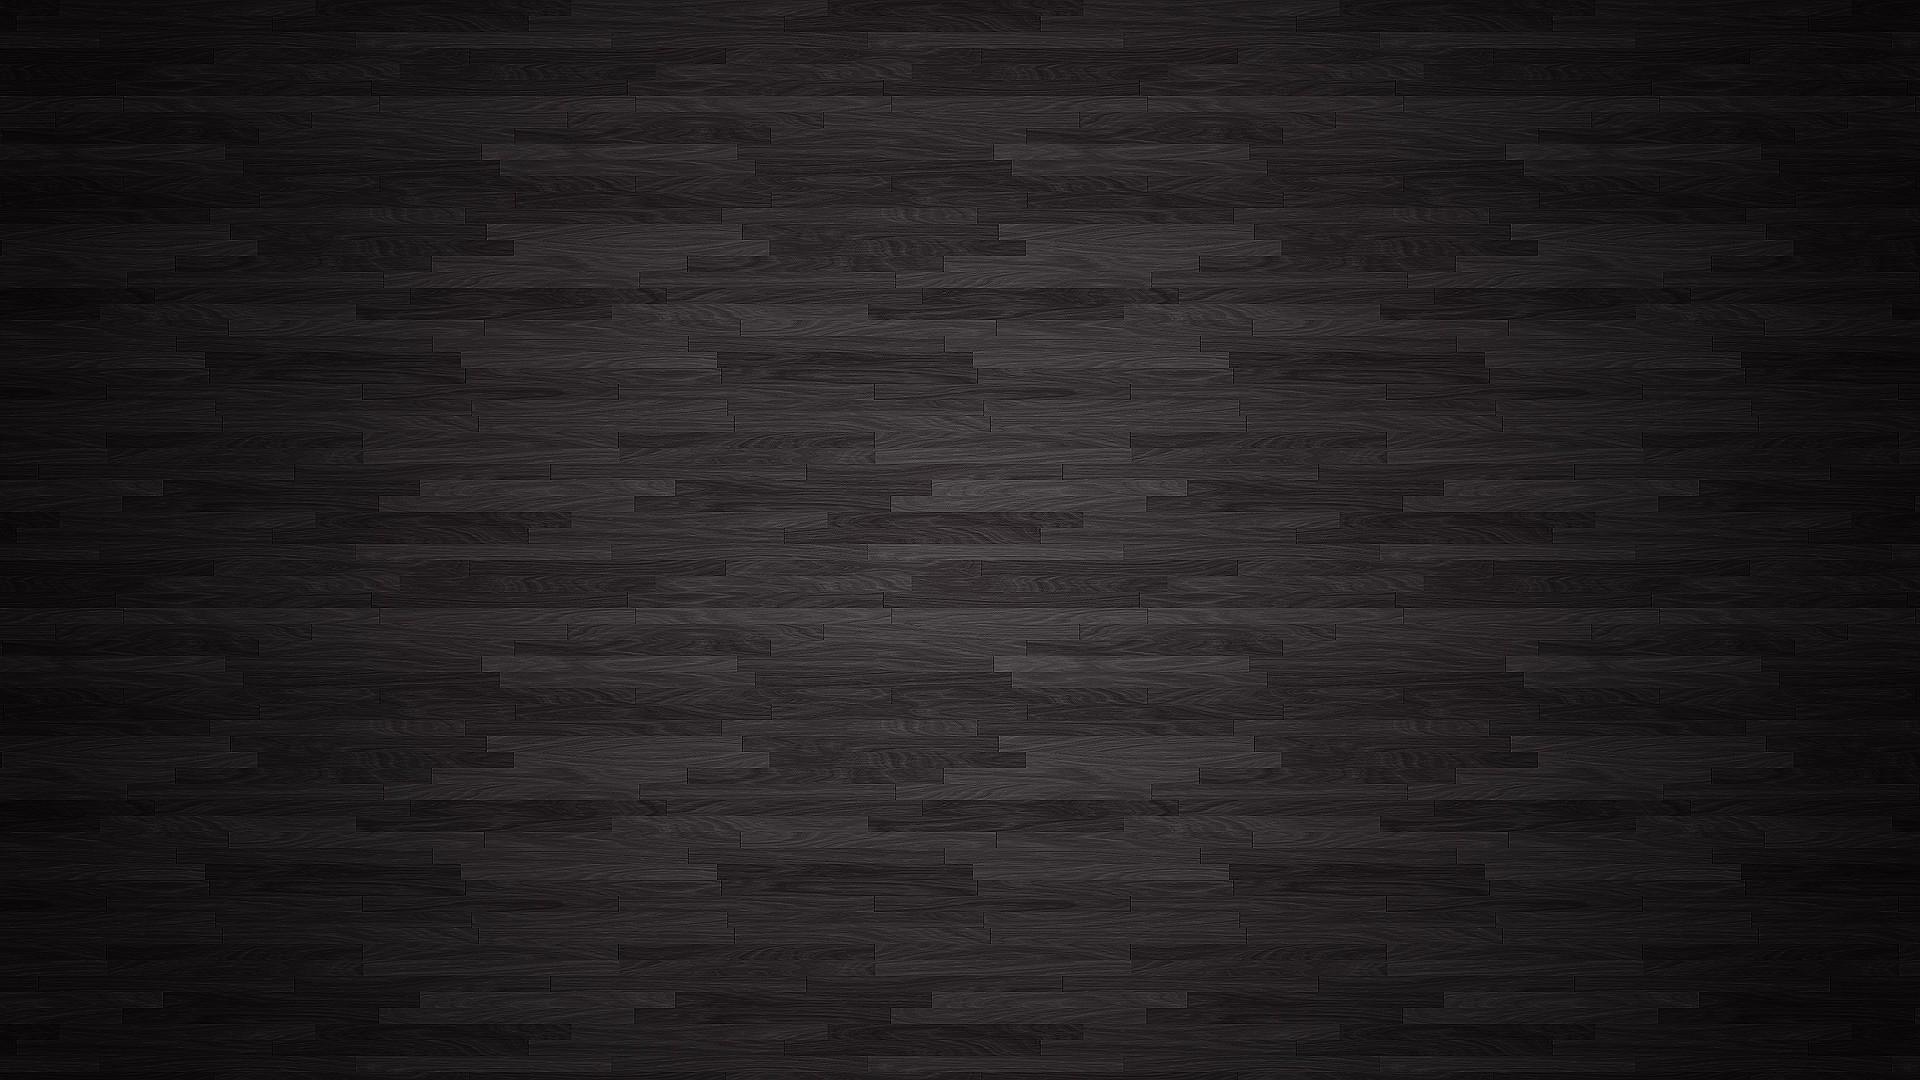 배경 화면 : 화이트, 검은, 단색화, 미니멀리즘, 목재, 녹색, 조직 ...